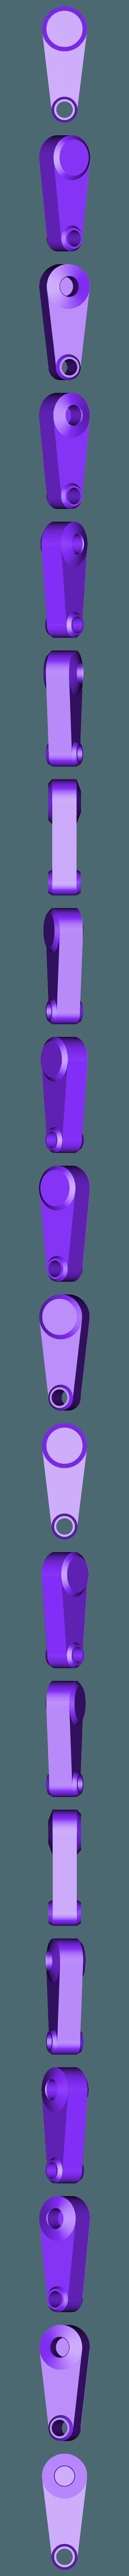 03_Kurbel.obj Télécharger fichier OBJ gratuit Nemoriko's : Petite chenille hétéroclite • Objet pour imprimante 3D, Nemoriko